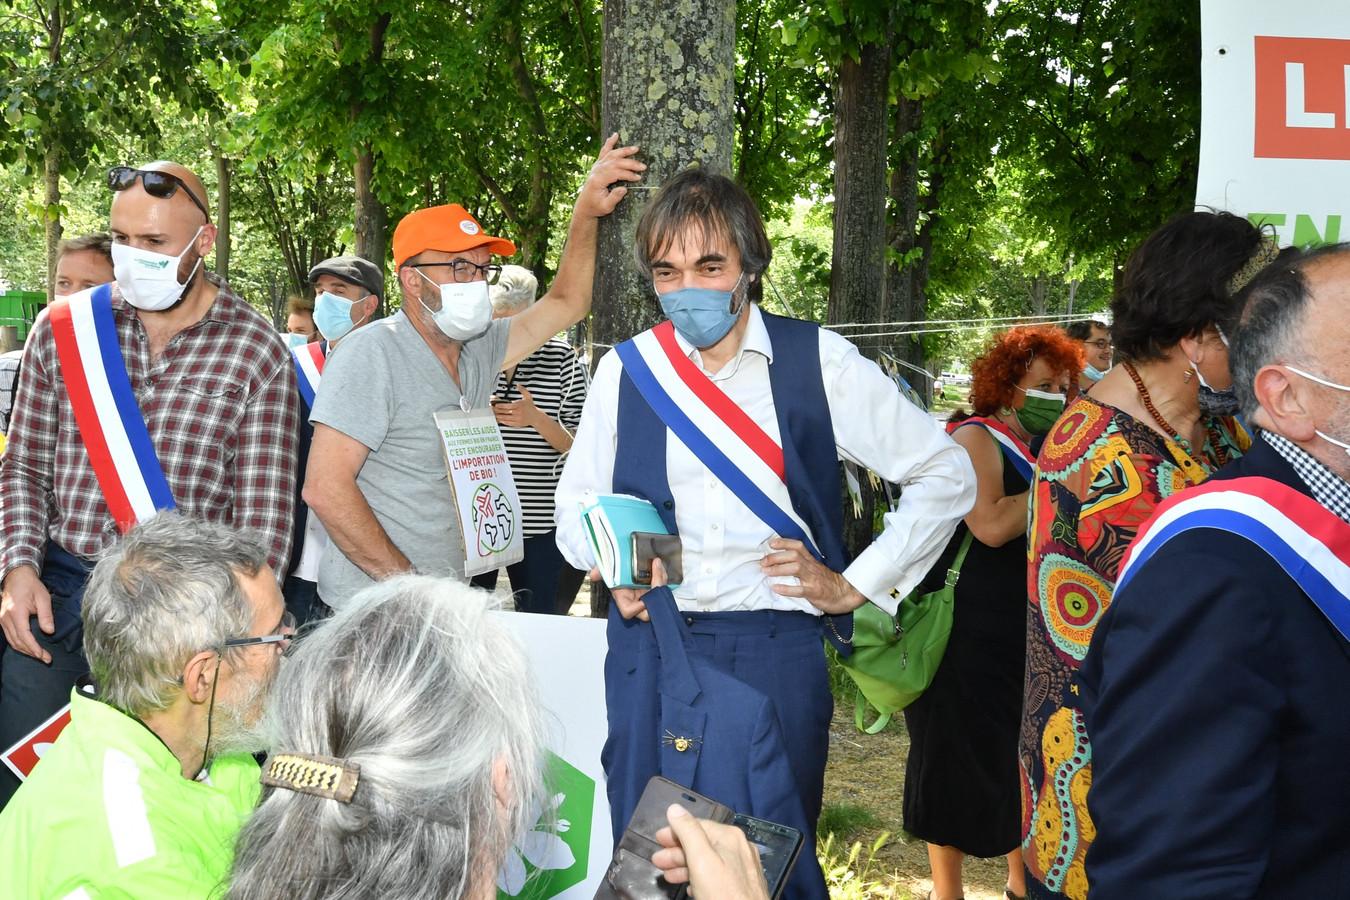 Cédric Villani lors de la manifestation des agriculteurs bio à Paris le 2 juin 2021.